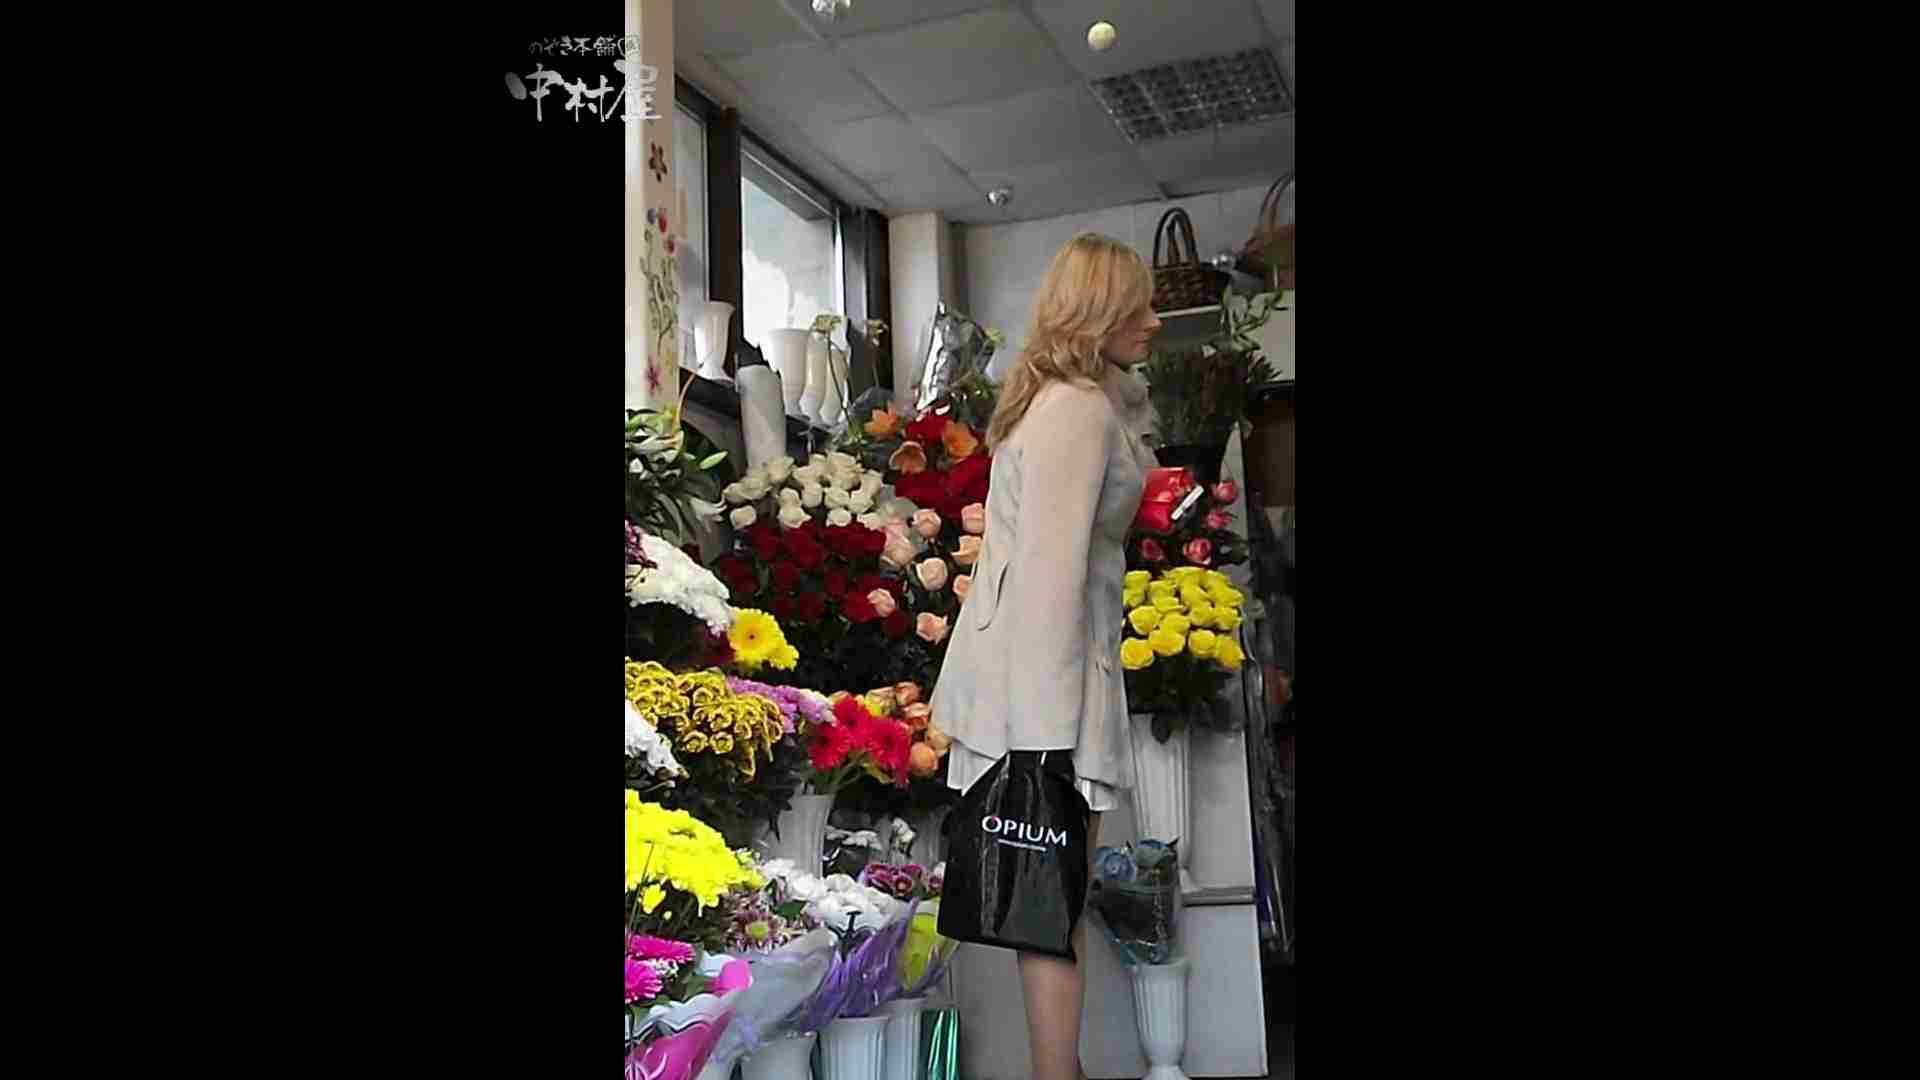 綺麗なモデルさんのスカート捲っちゃおう‼ vol08 お姉さんのエロ動画  91PIX 30